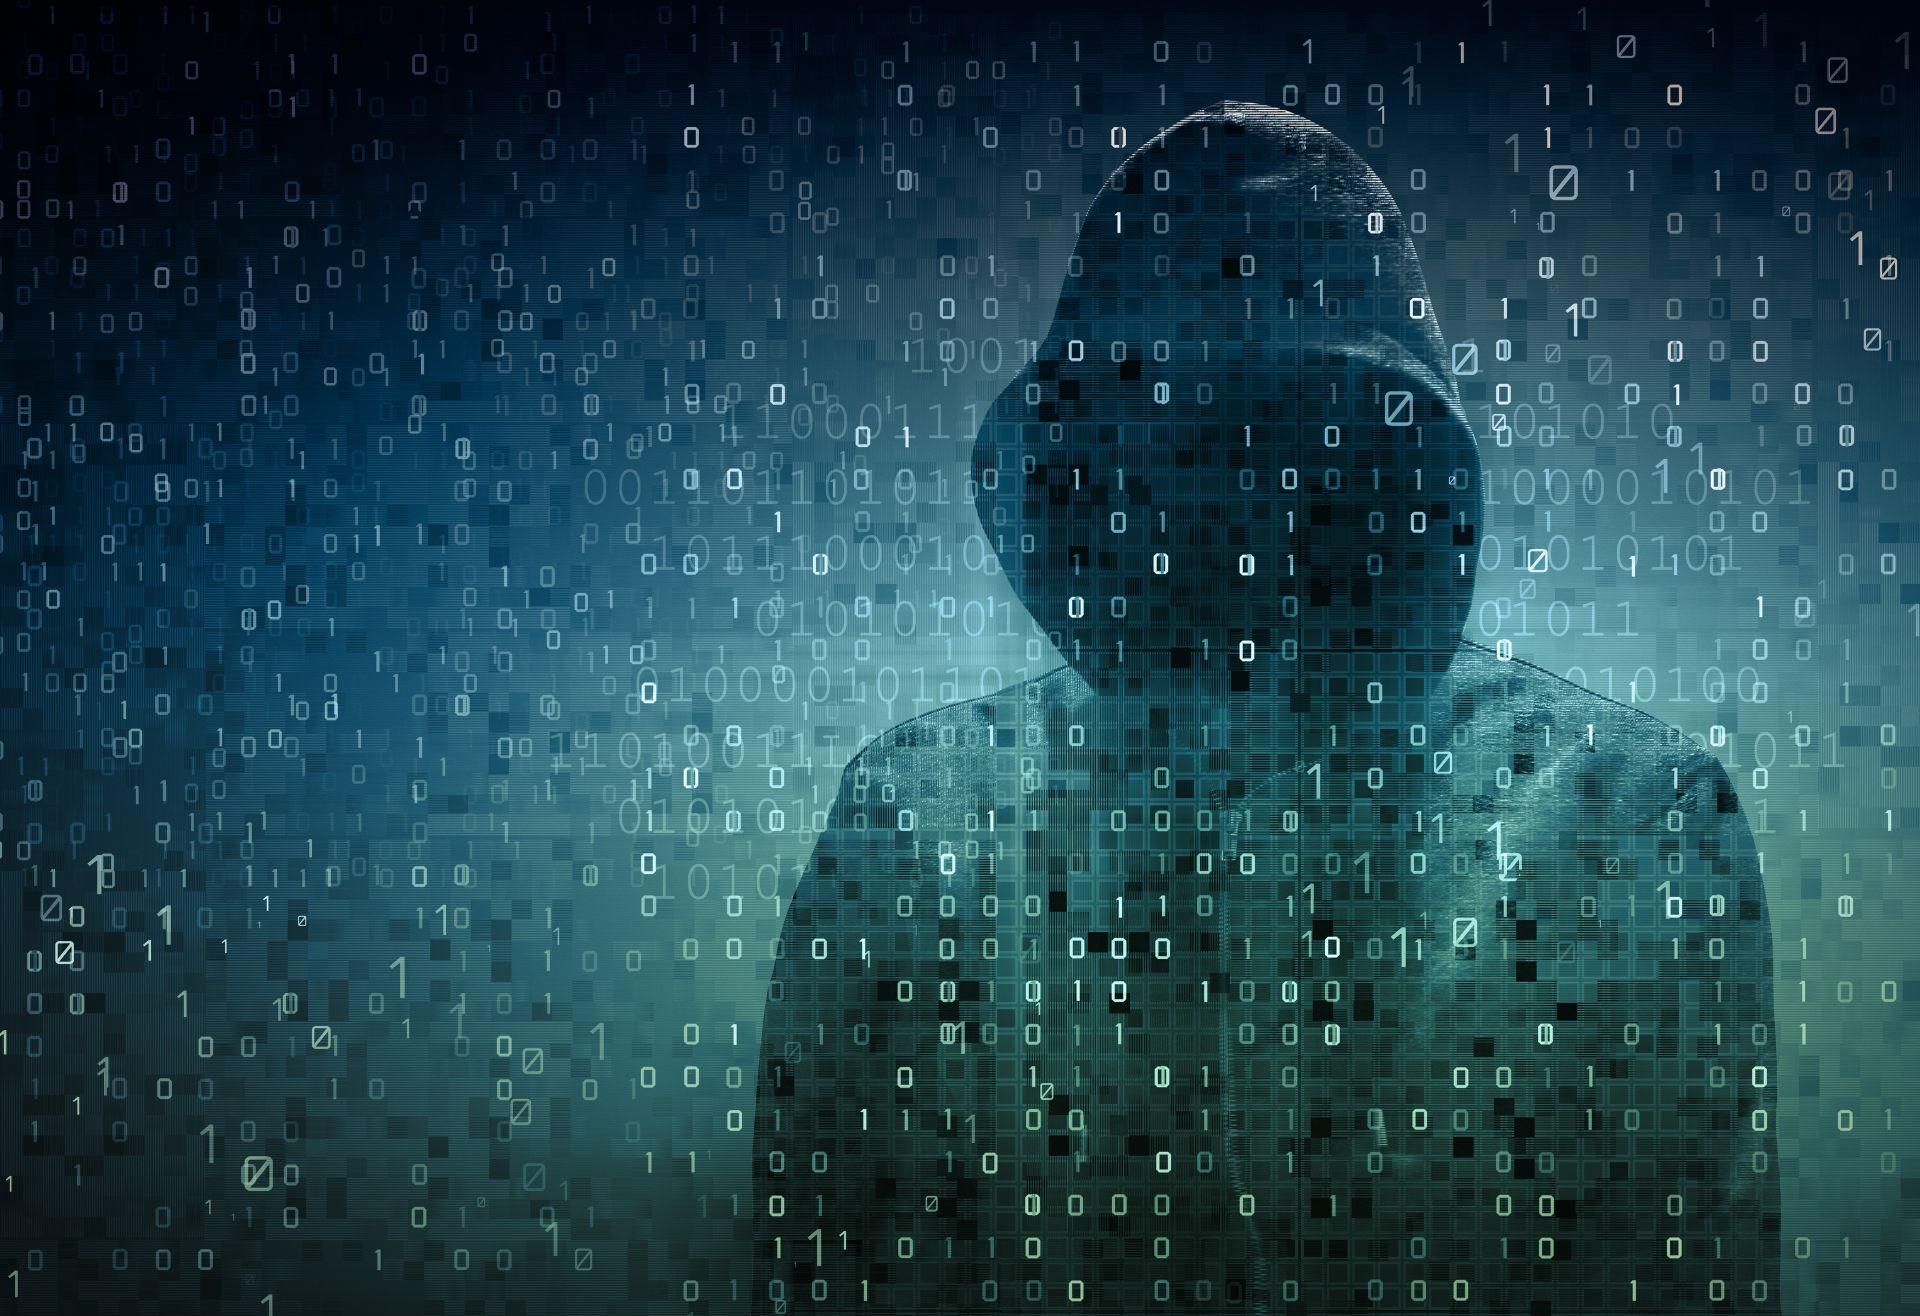 historia_ransomware